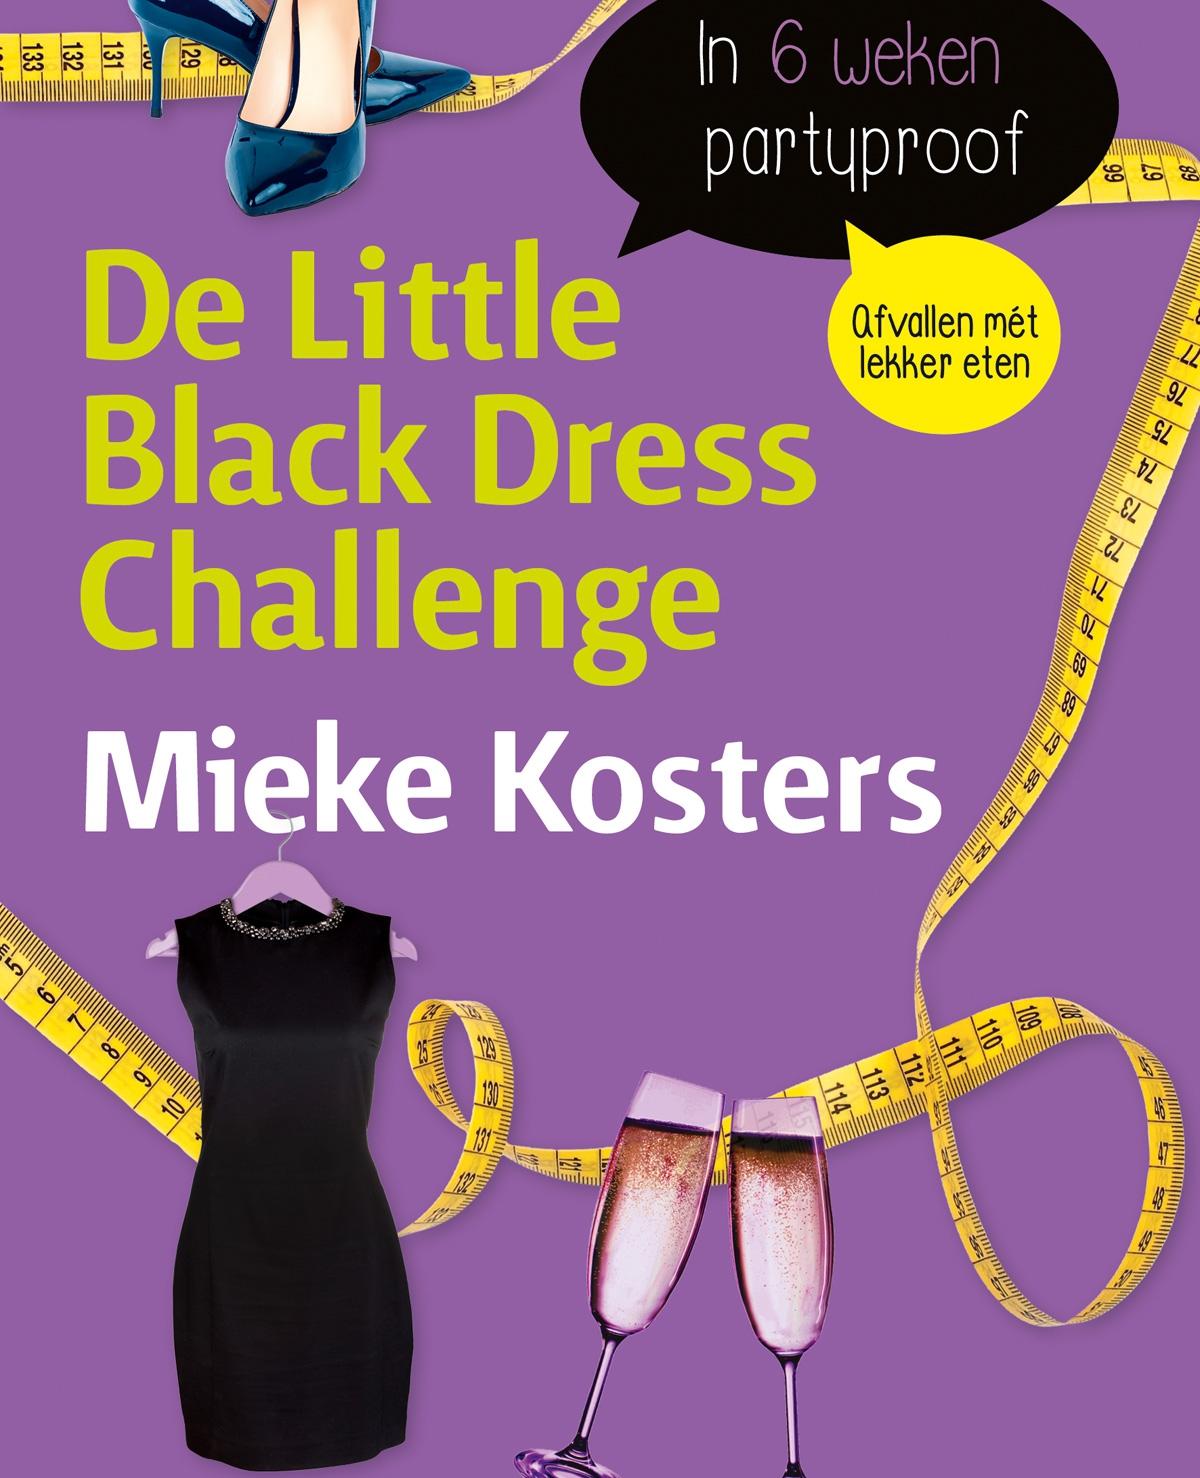 'De Little Black Dress Challenge' van Mieke Kosters